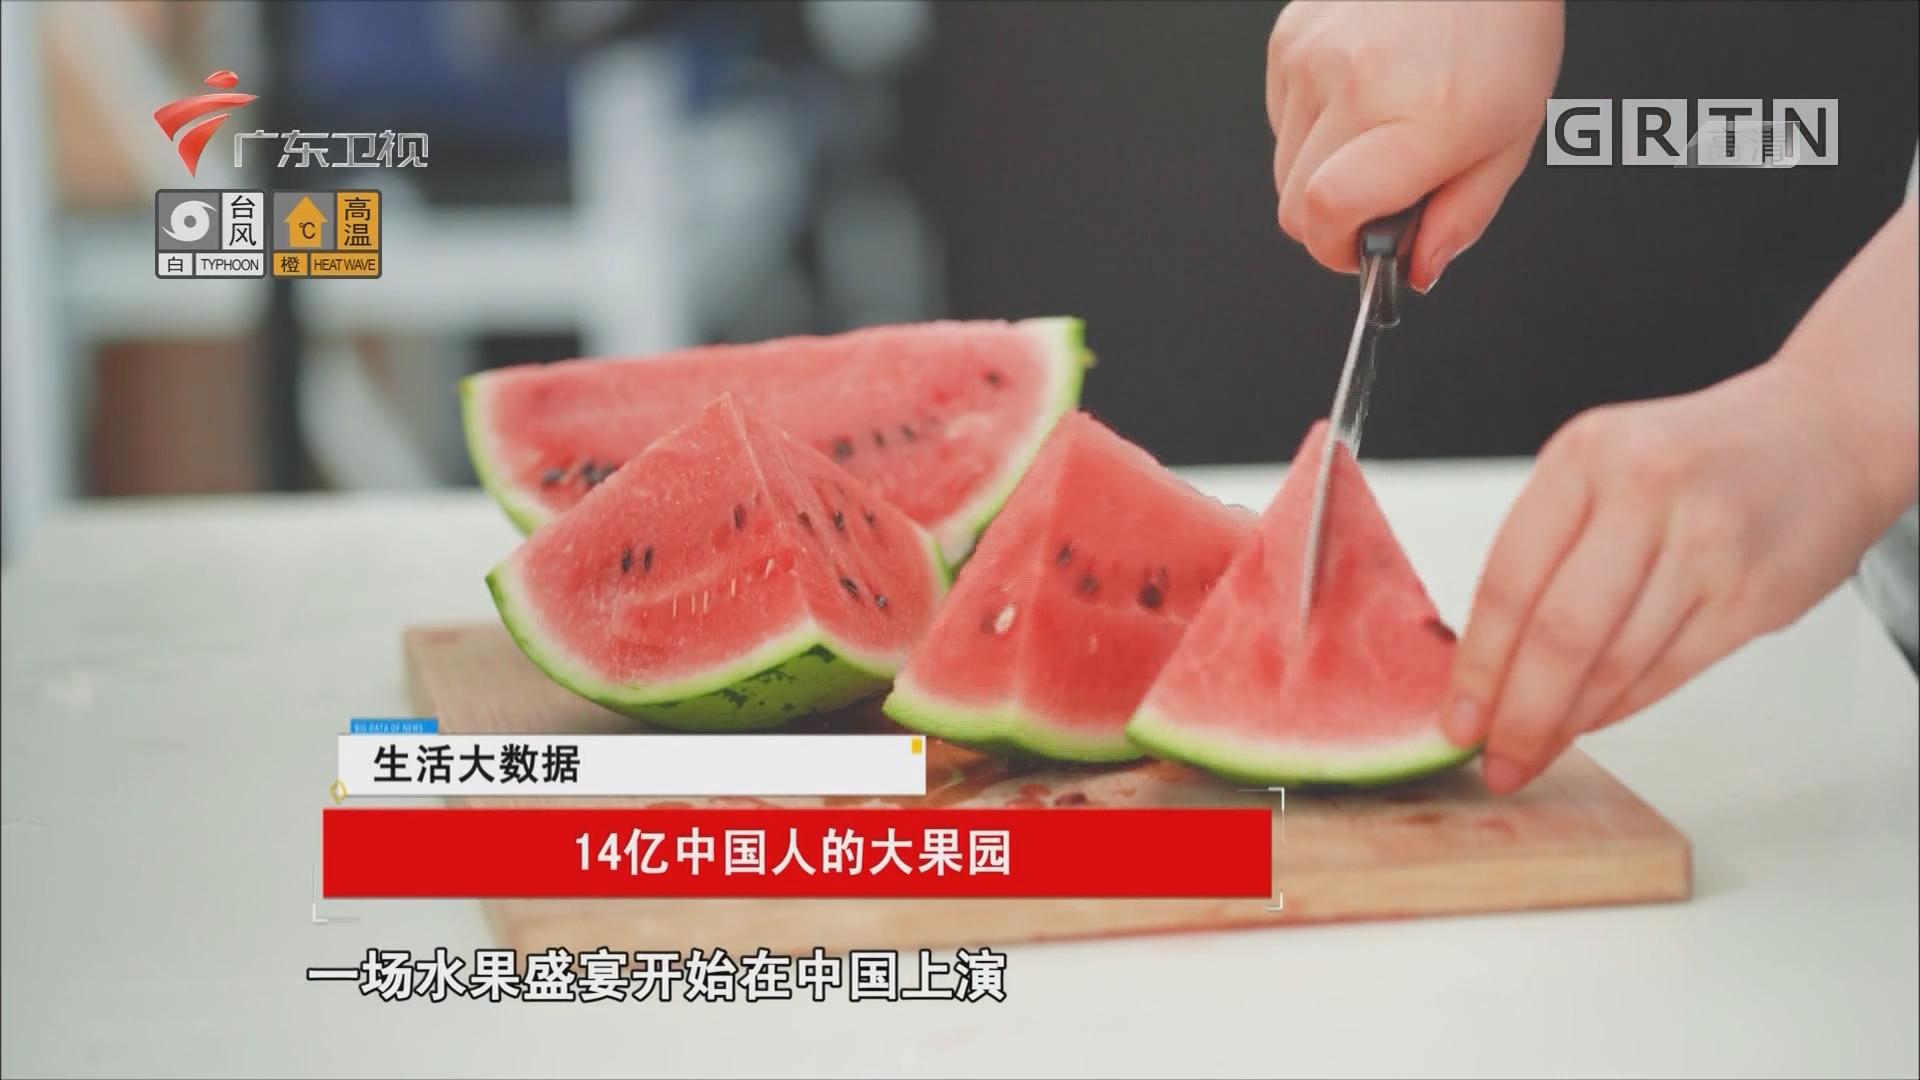 14亿中国人的大果园